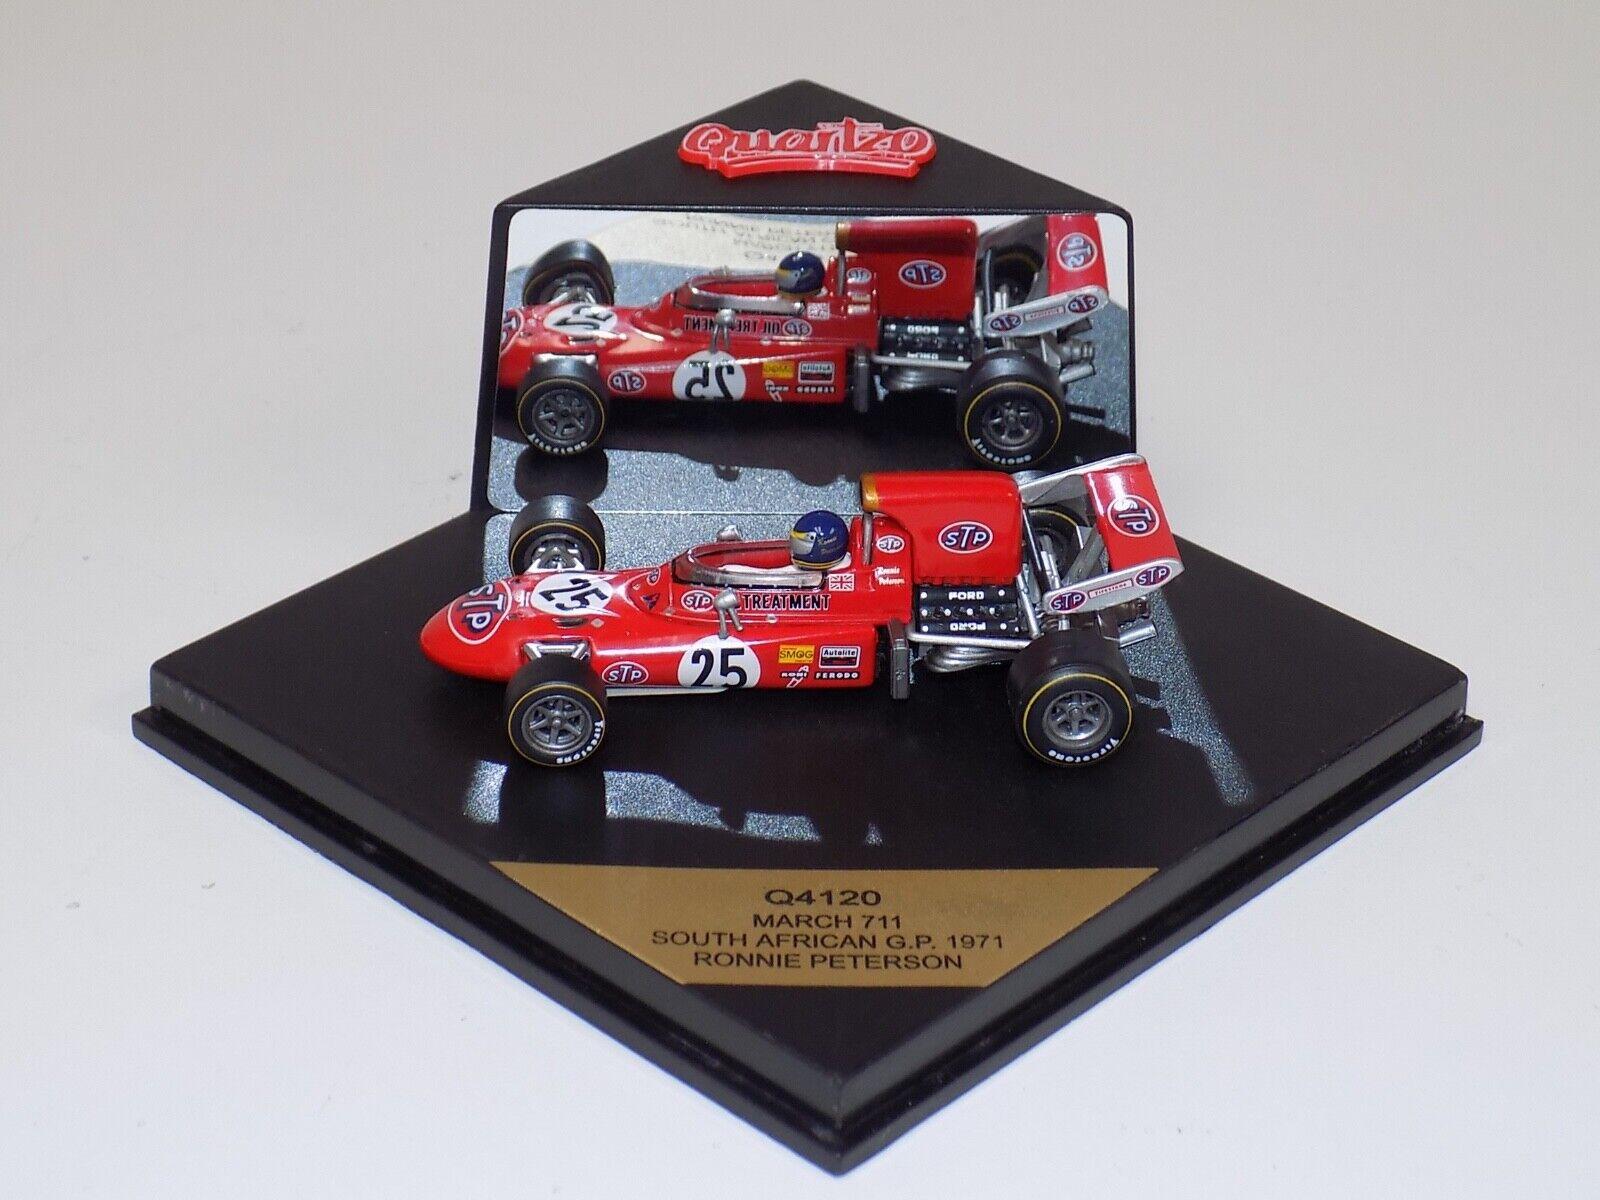 1 43 Quartzo F1 March 711  Car South African  GP R.Peterson Q4120